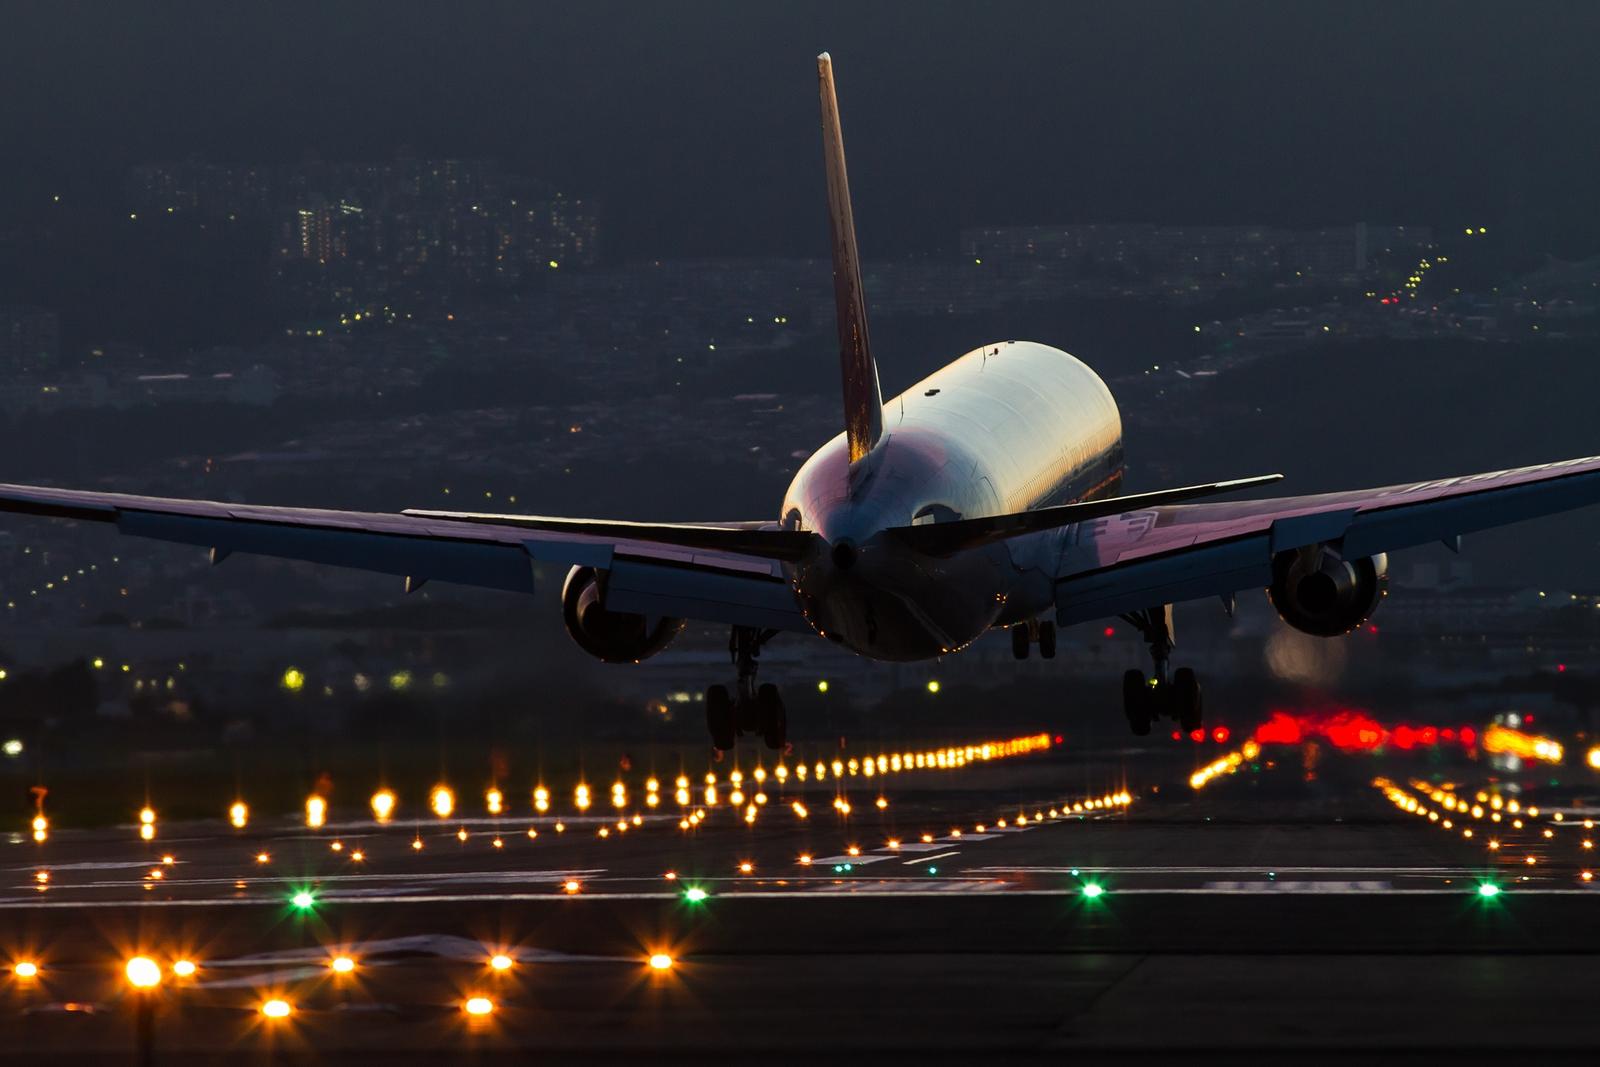 File:JAL Night Landing At Osaka International Airport.jpg